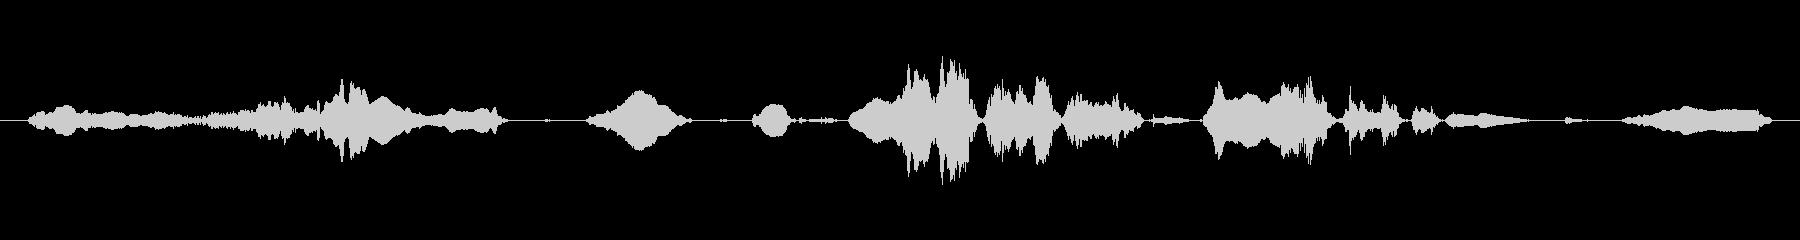 鳴き声 チャイルドラフティックルス...の未再生の波形